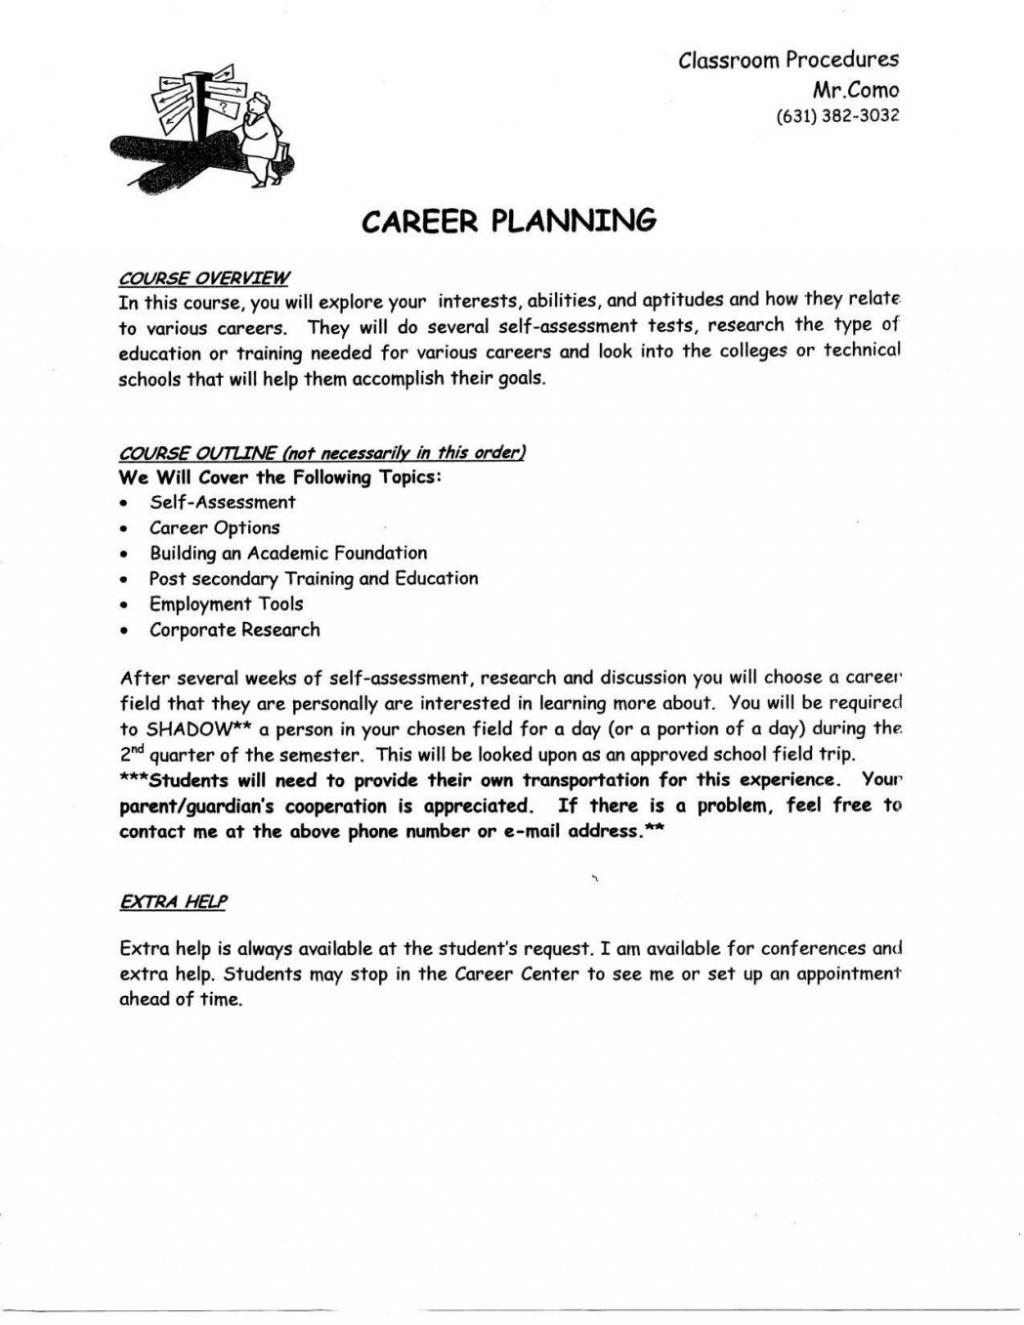 004 Nursing Career Essays Essay On Goals In Goal Example Examples Imposing Profession Nigeria Professionalism Large